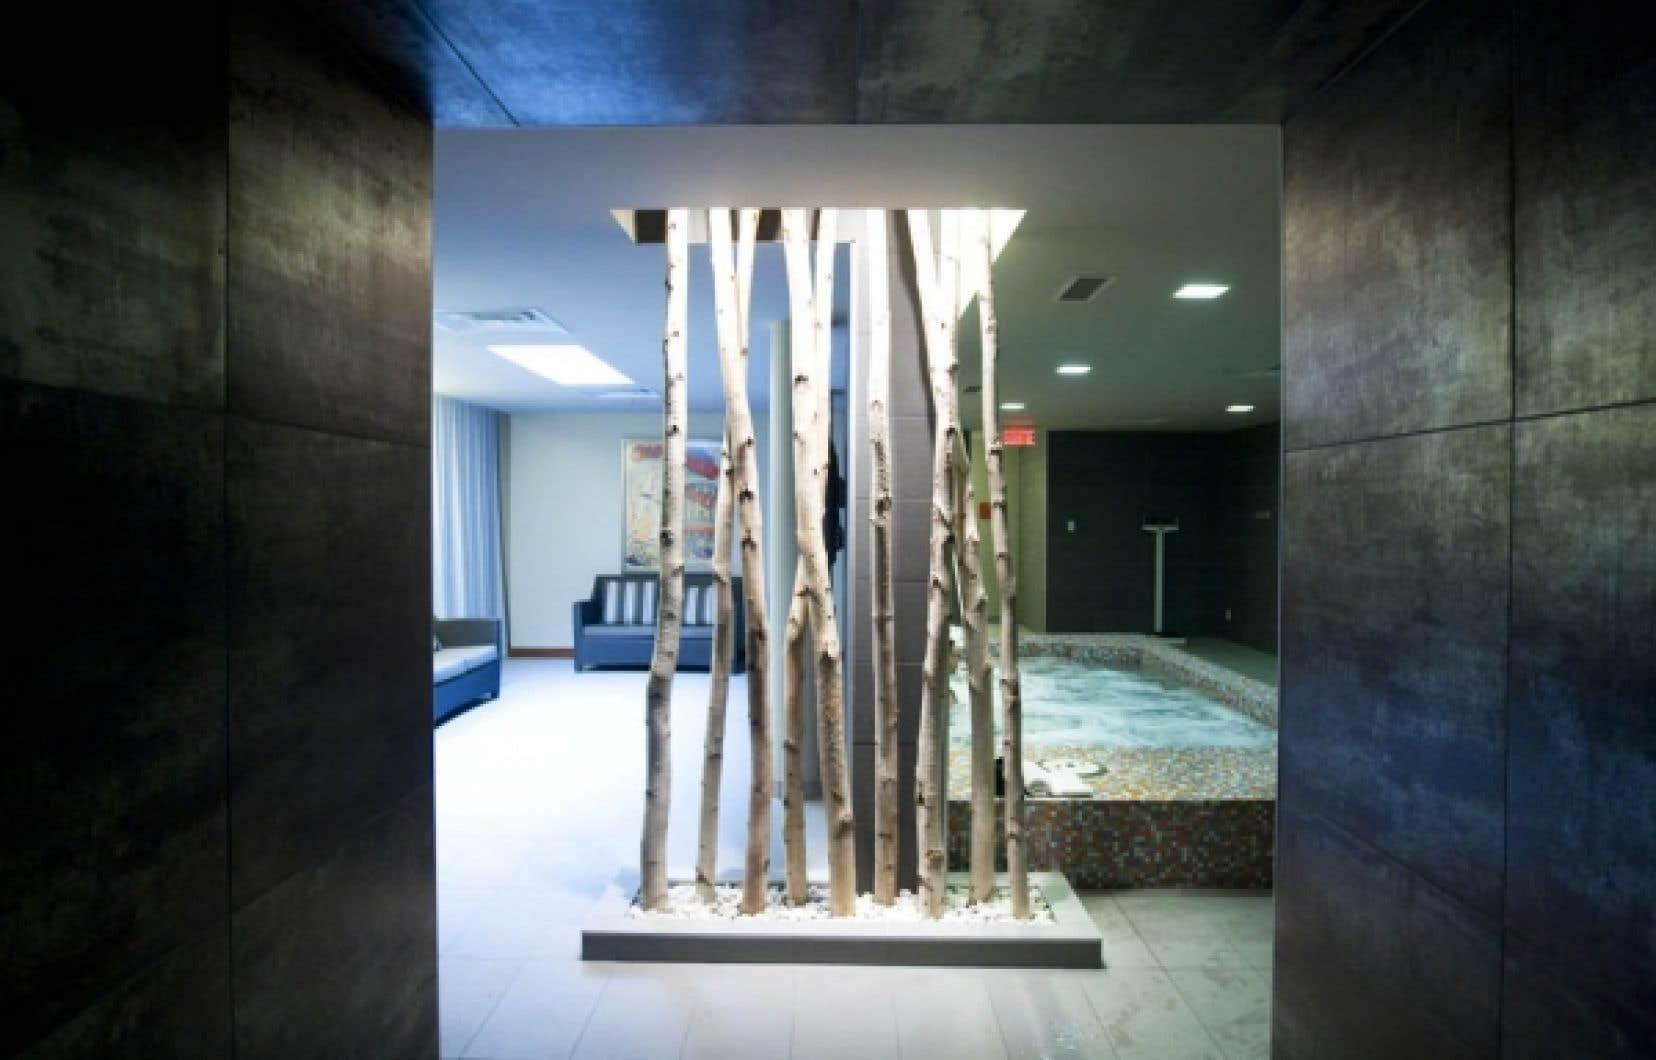 Dans le vestiaire des hommes, la fin de l'allée des douches débouche sur le salon, le bain troubillon, le sauna et le spa. Rythmée par un éclairage graphique et des changements de matériaux à chaque station, l'allée se termine sur la mise en scène d'un paysage de troncs de bouleau rétroéclairé, en hommage à quelques arbres qu'il a fallu sacrifier lors de la transformation du complexe.